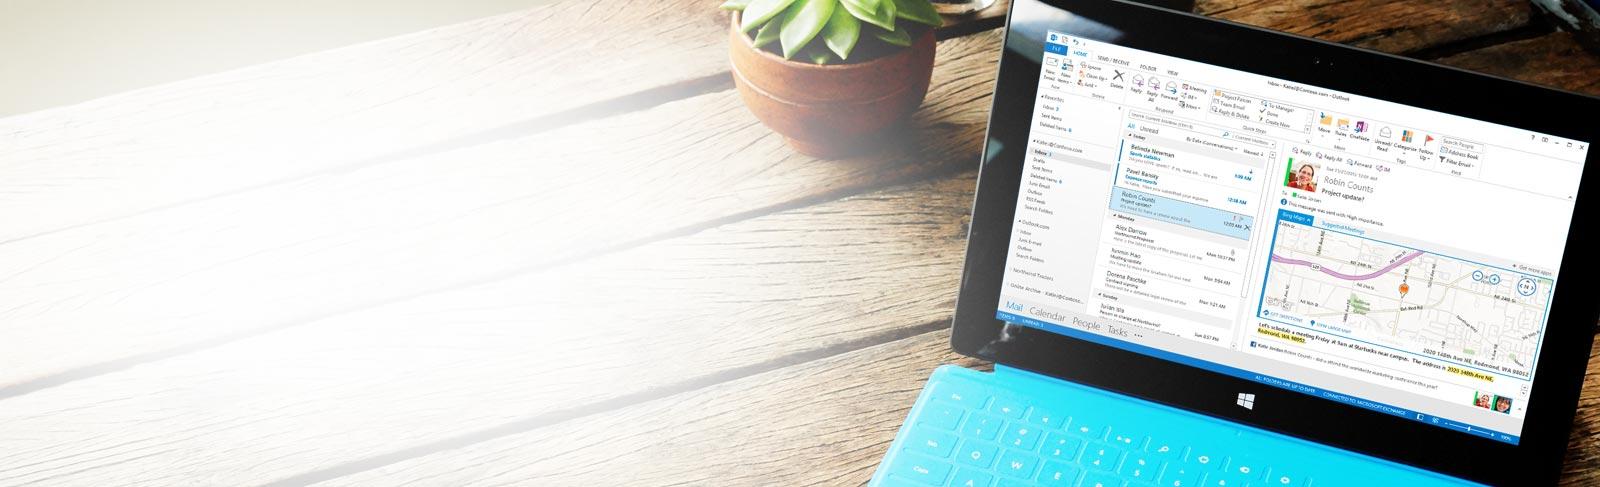 Thumbail de Cómo hacer que Outlook suene cuando llega un correo